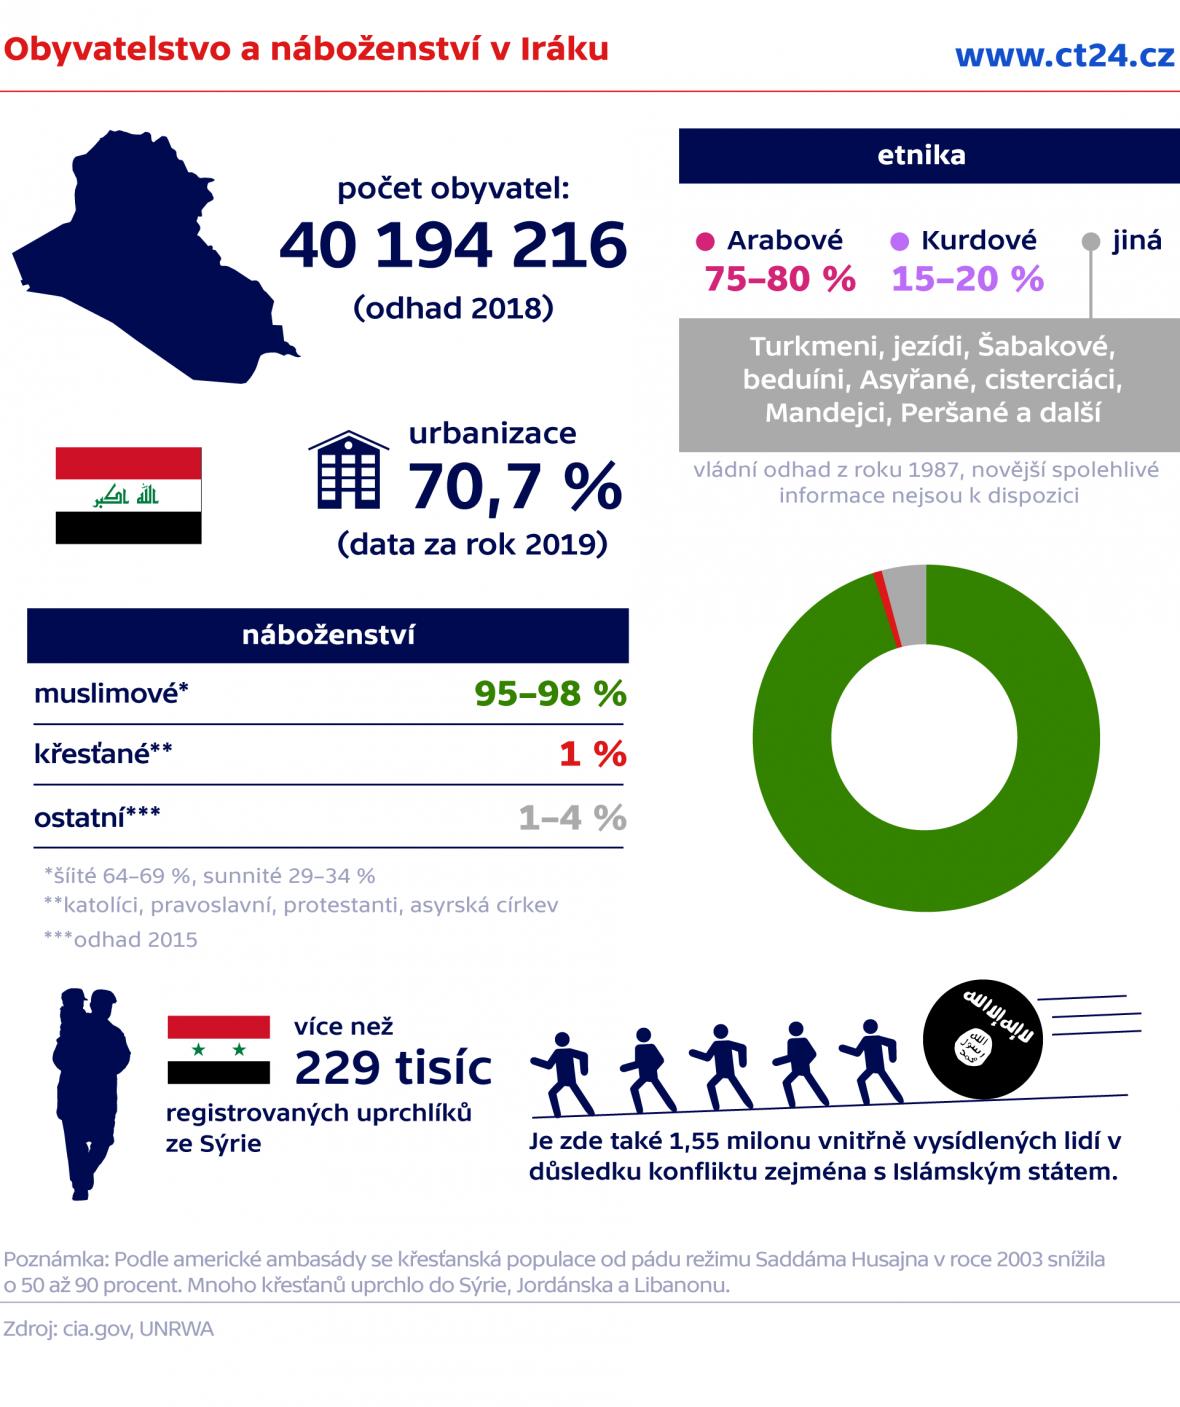 Obyvatelstvo a náboženství v Iráku